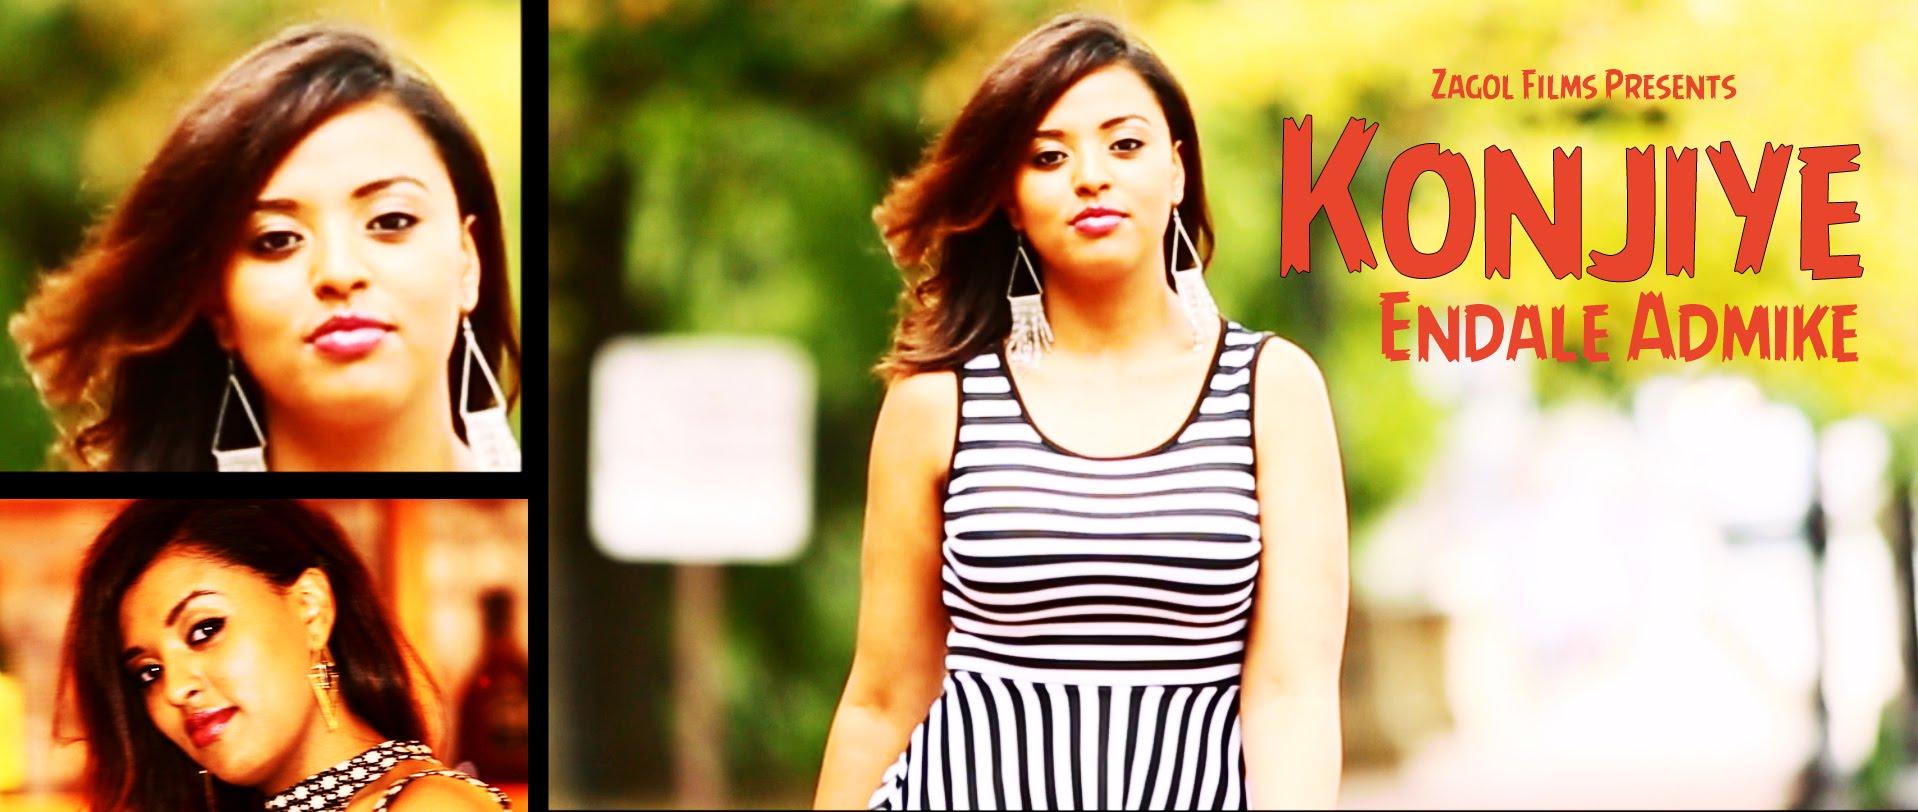 Endale Admike - Konjiye - Zagol Films